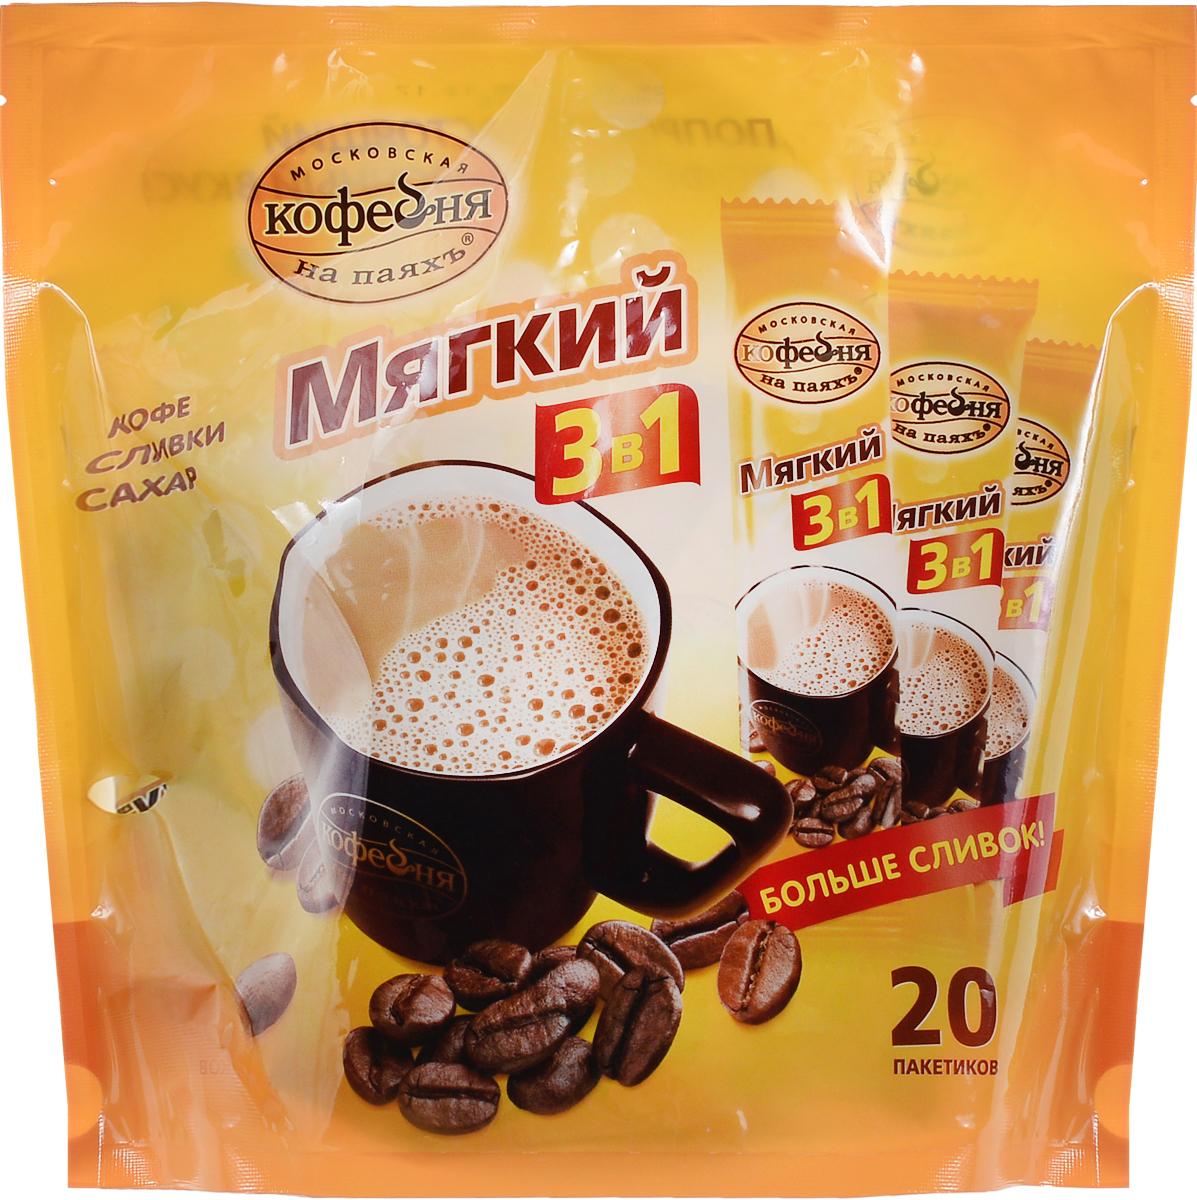 Московская кофейня на паяхъ Мягкий 3 в 1 напиток кофейный растворимый в пакетиках, 20 шт кофейный напиток nescafe 3 в 1 мягкий сливочный вкус порционный